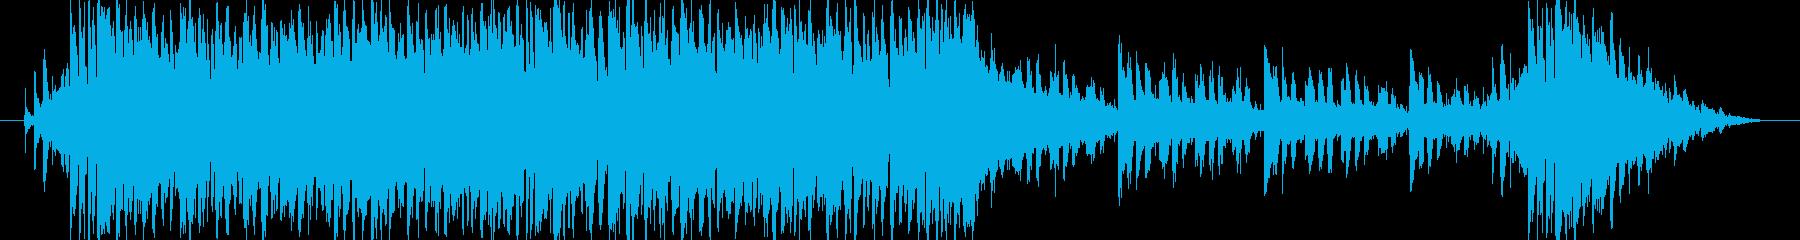 近未来でサイバーな曲です。の再生済みの波形